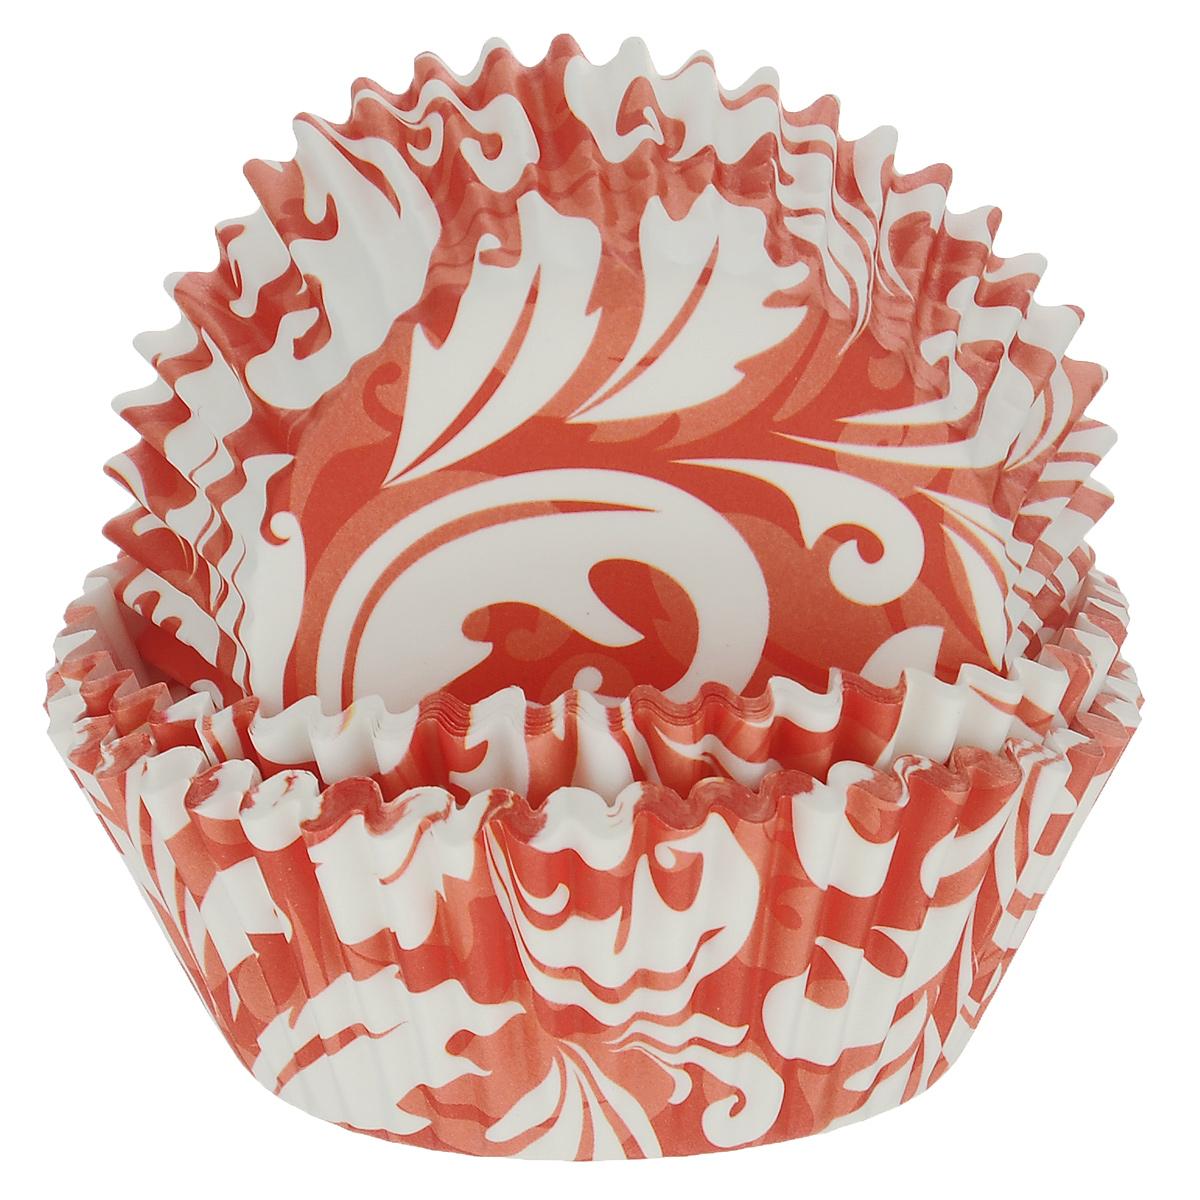 Набор бумажных форм для кексов Dolce Arti Красный узор, цвет: красный, белый, диаметр 7 см, 50 штDA080202Набор Dolce Arti Красный узор состоит из 50 бумажных форм для кексов, оформленных оригинальным узором. Они предназначены для выпечки и упаковки кондитерских изделий, также могут использоваться для сервировки орешков, конфет и много другого. Для одноразового применения. Гофрированные бумажные формы идеальны для выпечки кексов, булочек и пирожных. Высота стенки: 3 см. Диаметр (по верхнему краю): 7 см.